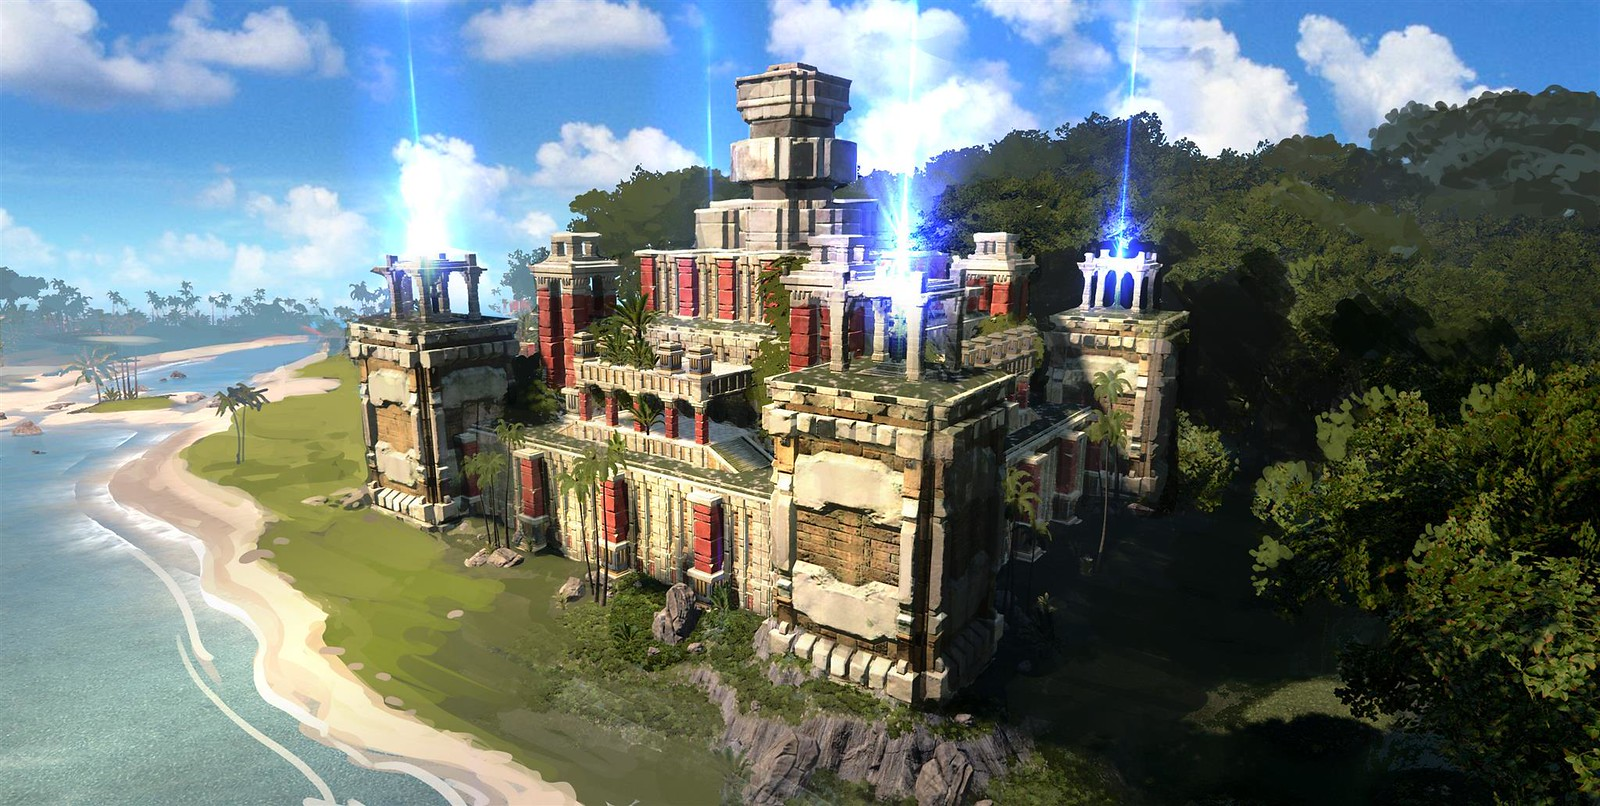 29131441827 702d6affdb h - MMORPG Skyforge erhält dieses Jahr mit Battle Royale-Modus einen FPS-Twist